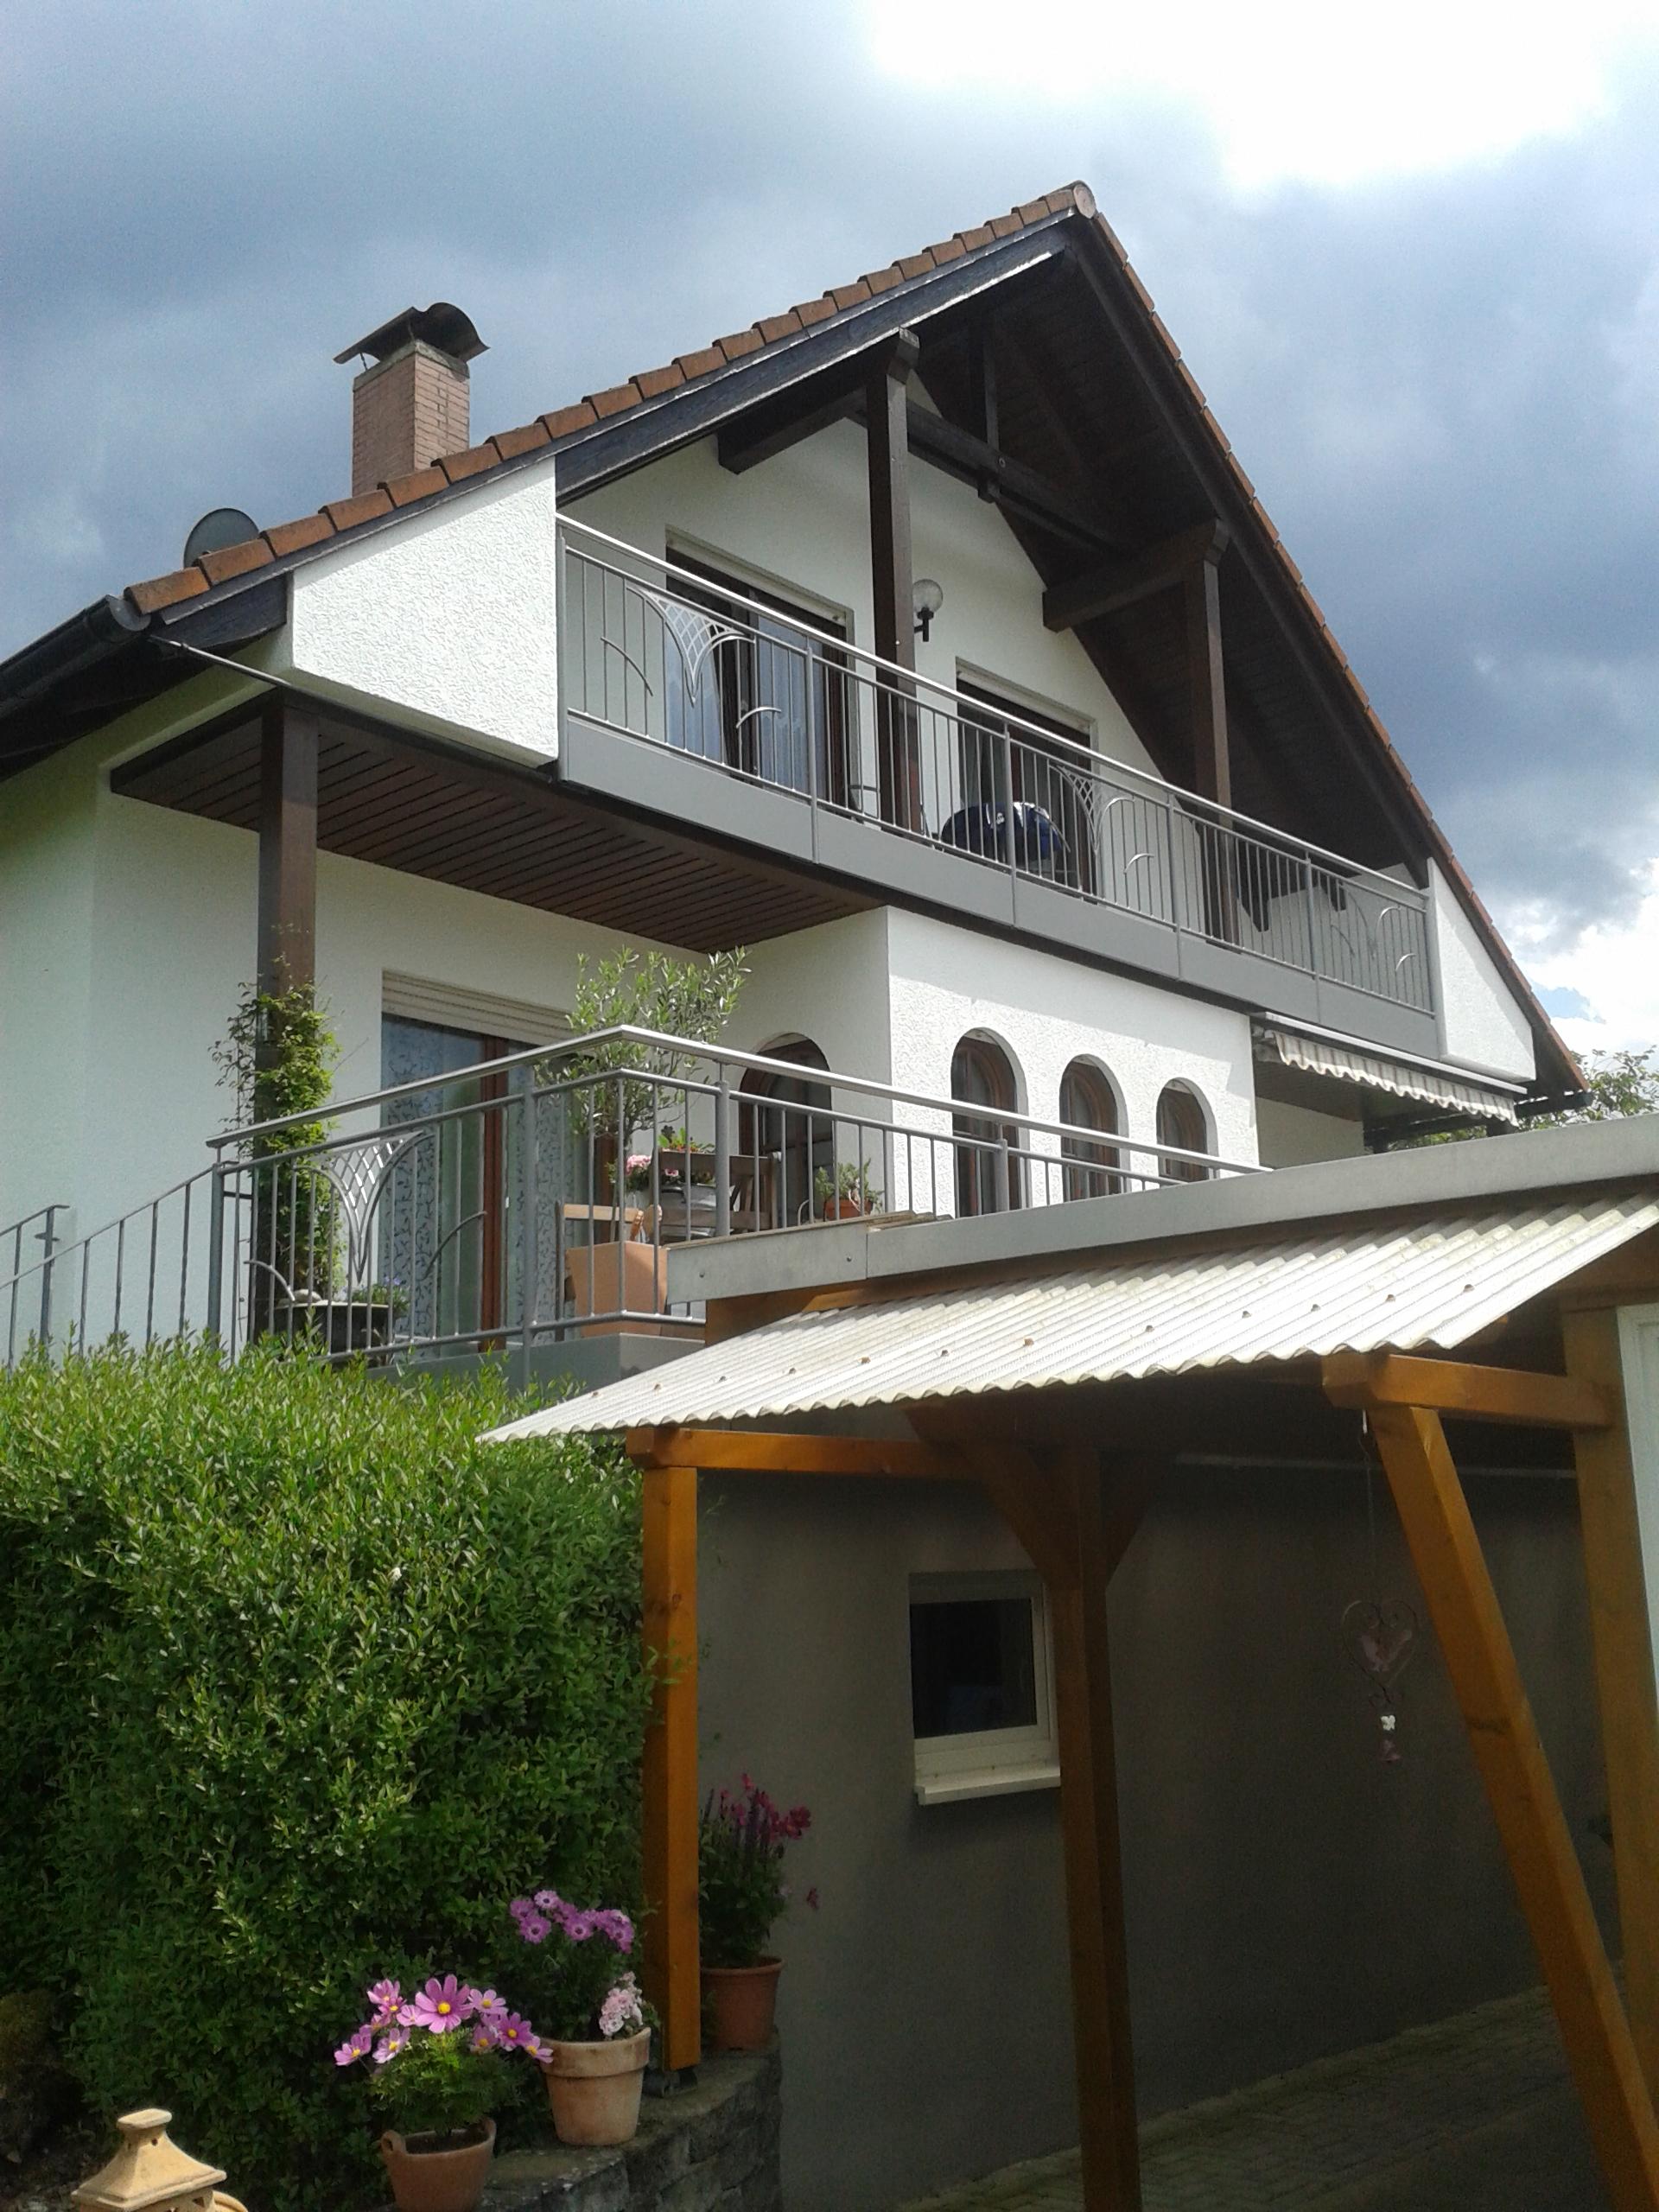 Anbaubalkone Metall : Der Anbaubalkon ist eine stilvolle Erweiterung Ihres Hauses, welcher ...